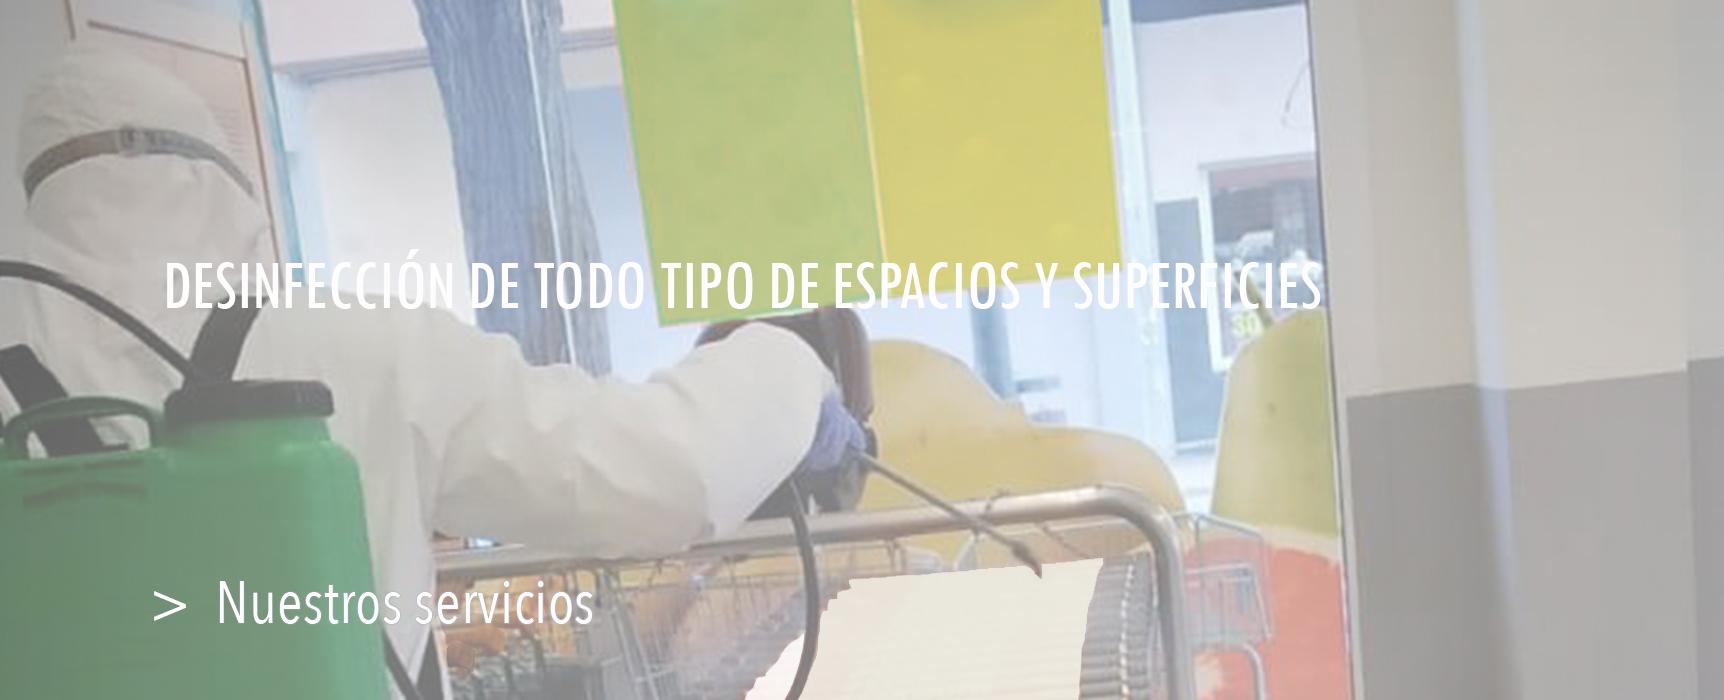 DESINFECION DE TODO TIPO DE SUPERFICIES